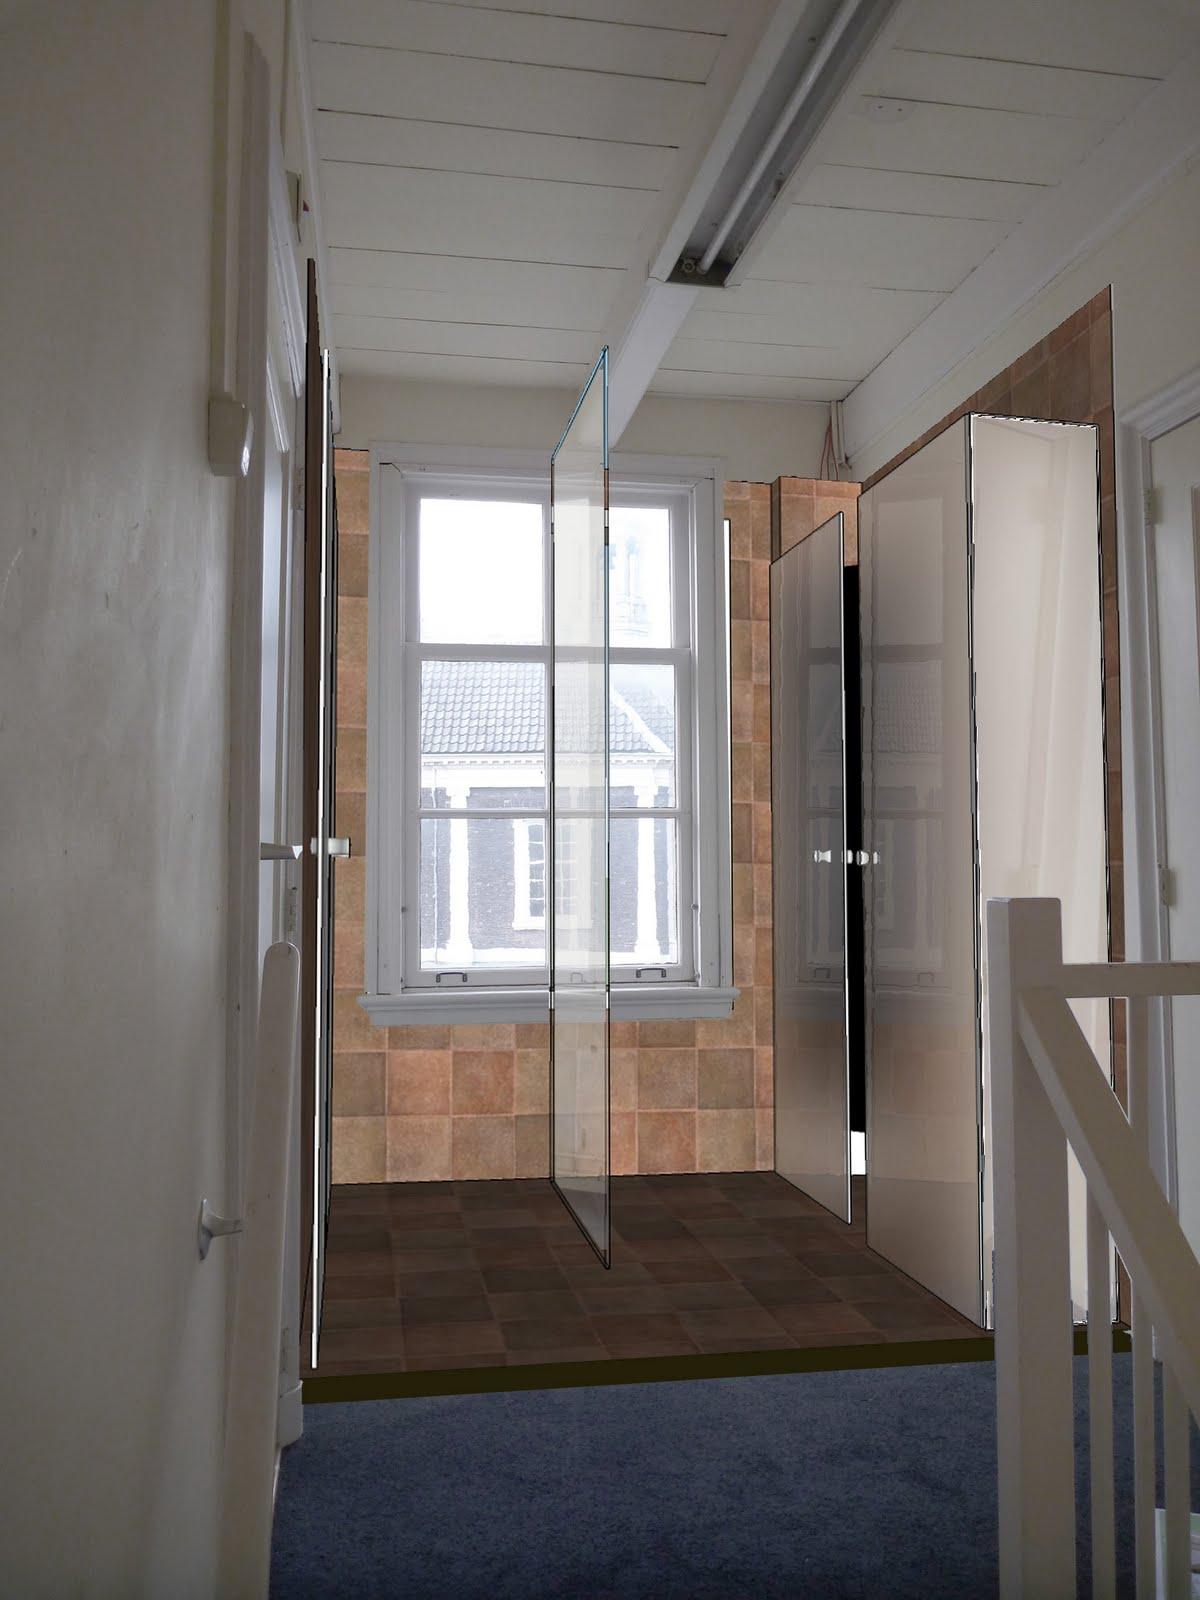 Lange haven 141 van 1650 tot straks augustus 2011 - Open douche ruimte ...